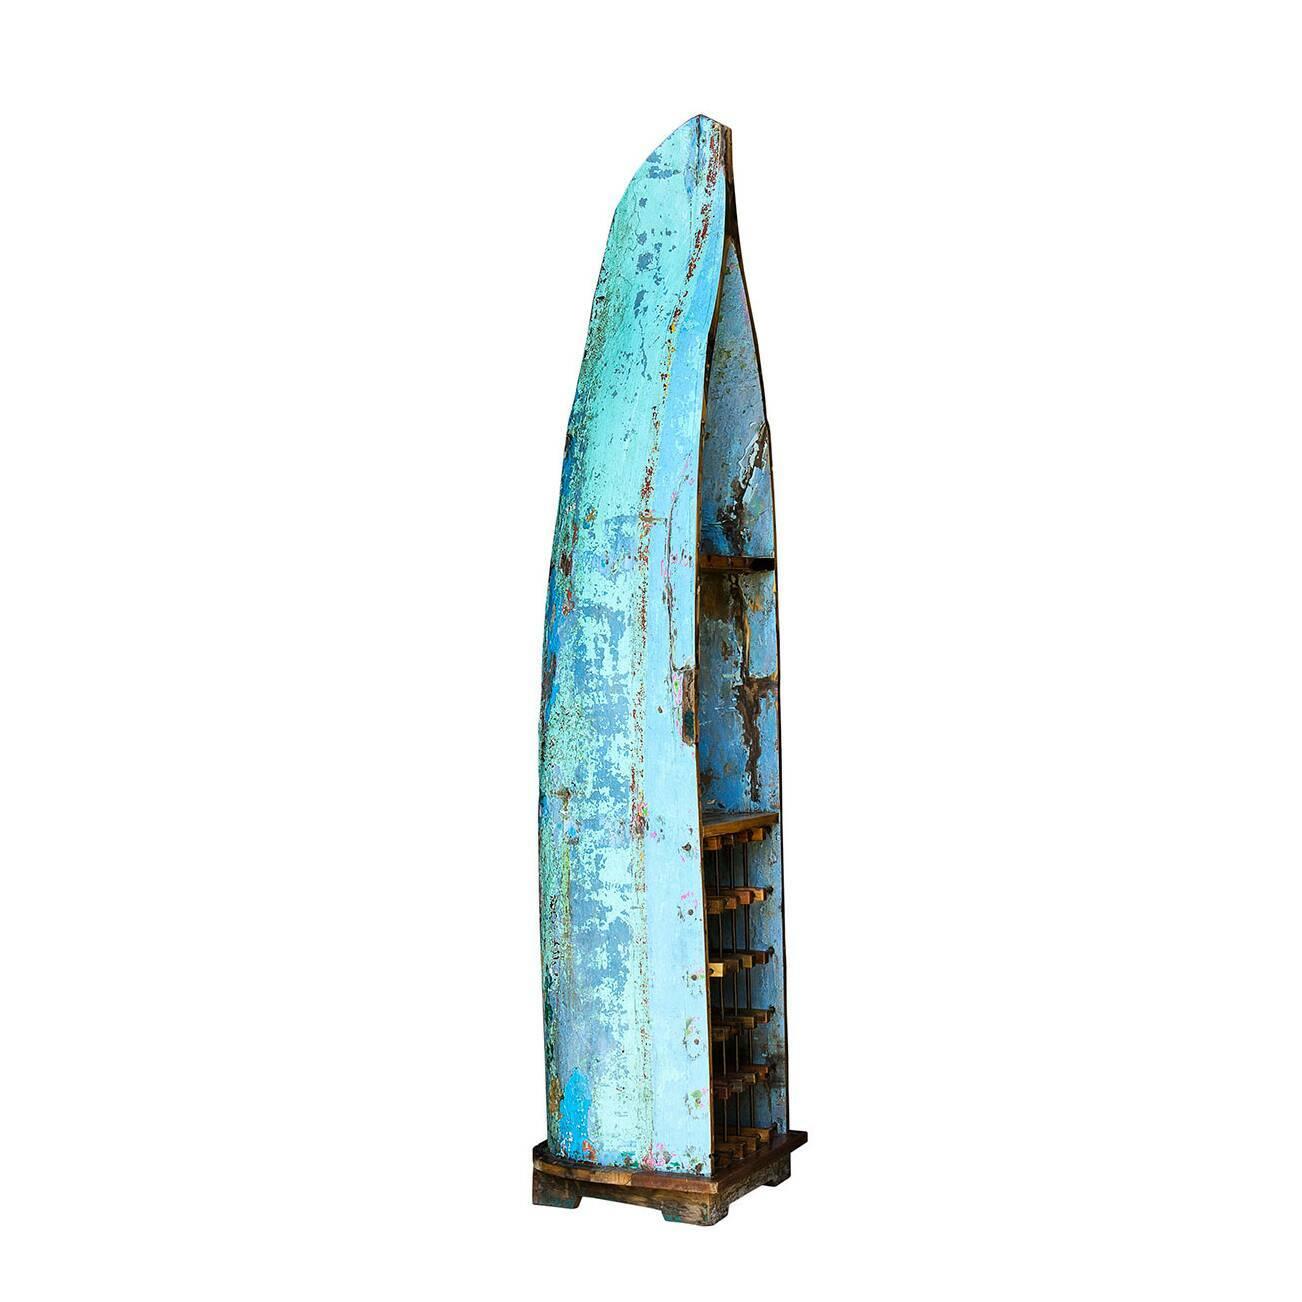 Стеллаж-лодка для вина ЛаперузСтеллажи<br>Стеллаж-лодка для вина Лаперуз — это винный шкаф, выполненный из старой рыбацкой лодки классической правильной формы с сохранением оригинальной многослойной окраски. Возраст лодки 15–35 лет. Предположительное место обитания – остров Ява (Центральная Индонезия). Лодка изготовлена из массива дерева по традиционной народной технике дагаут (dugout), что означает «лодка, выдолбленная из ствола дерева».<br> <br> Стеллаж-лодка для вина Лаперуз изготовлен из ценных твердых пород древесины (тик, махагон, ...<br><br>stock: 0<br>Высота: 225<br>Ширина: 58<br>Глубина: 48<br>Материал каркаса: Массив тика<br>Тип материала каркаса: Дерево<br>Цвет каркаса: Бирюзовый